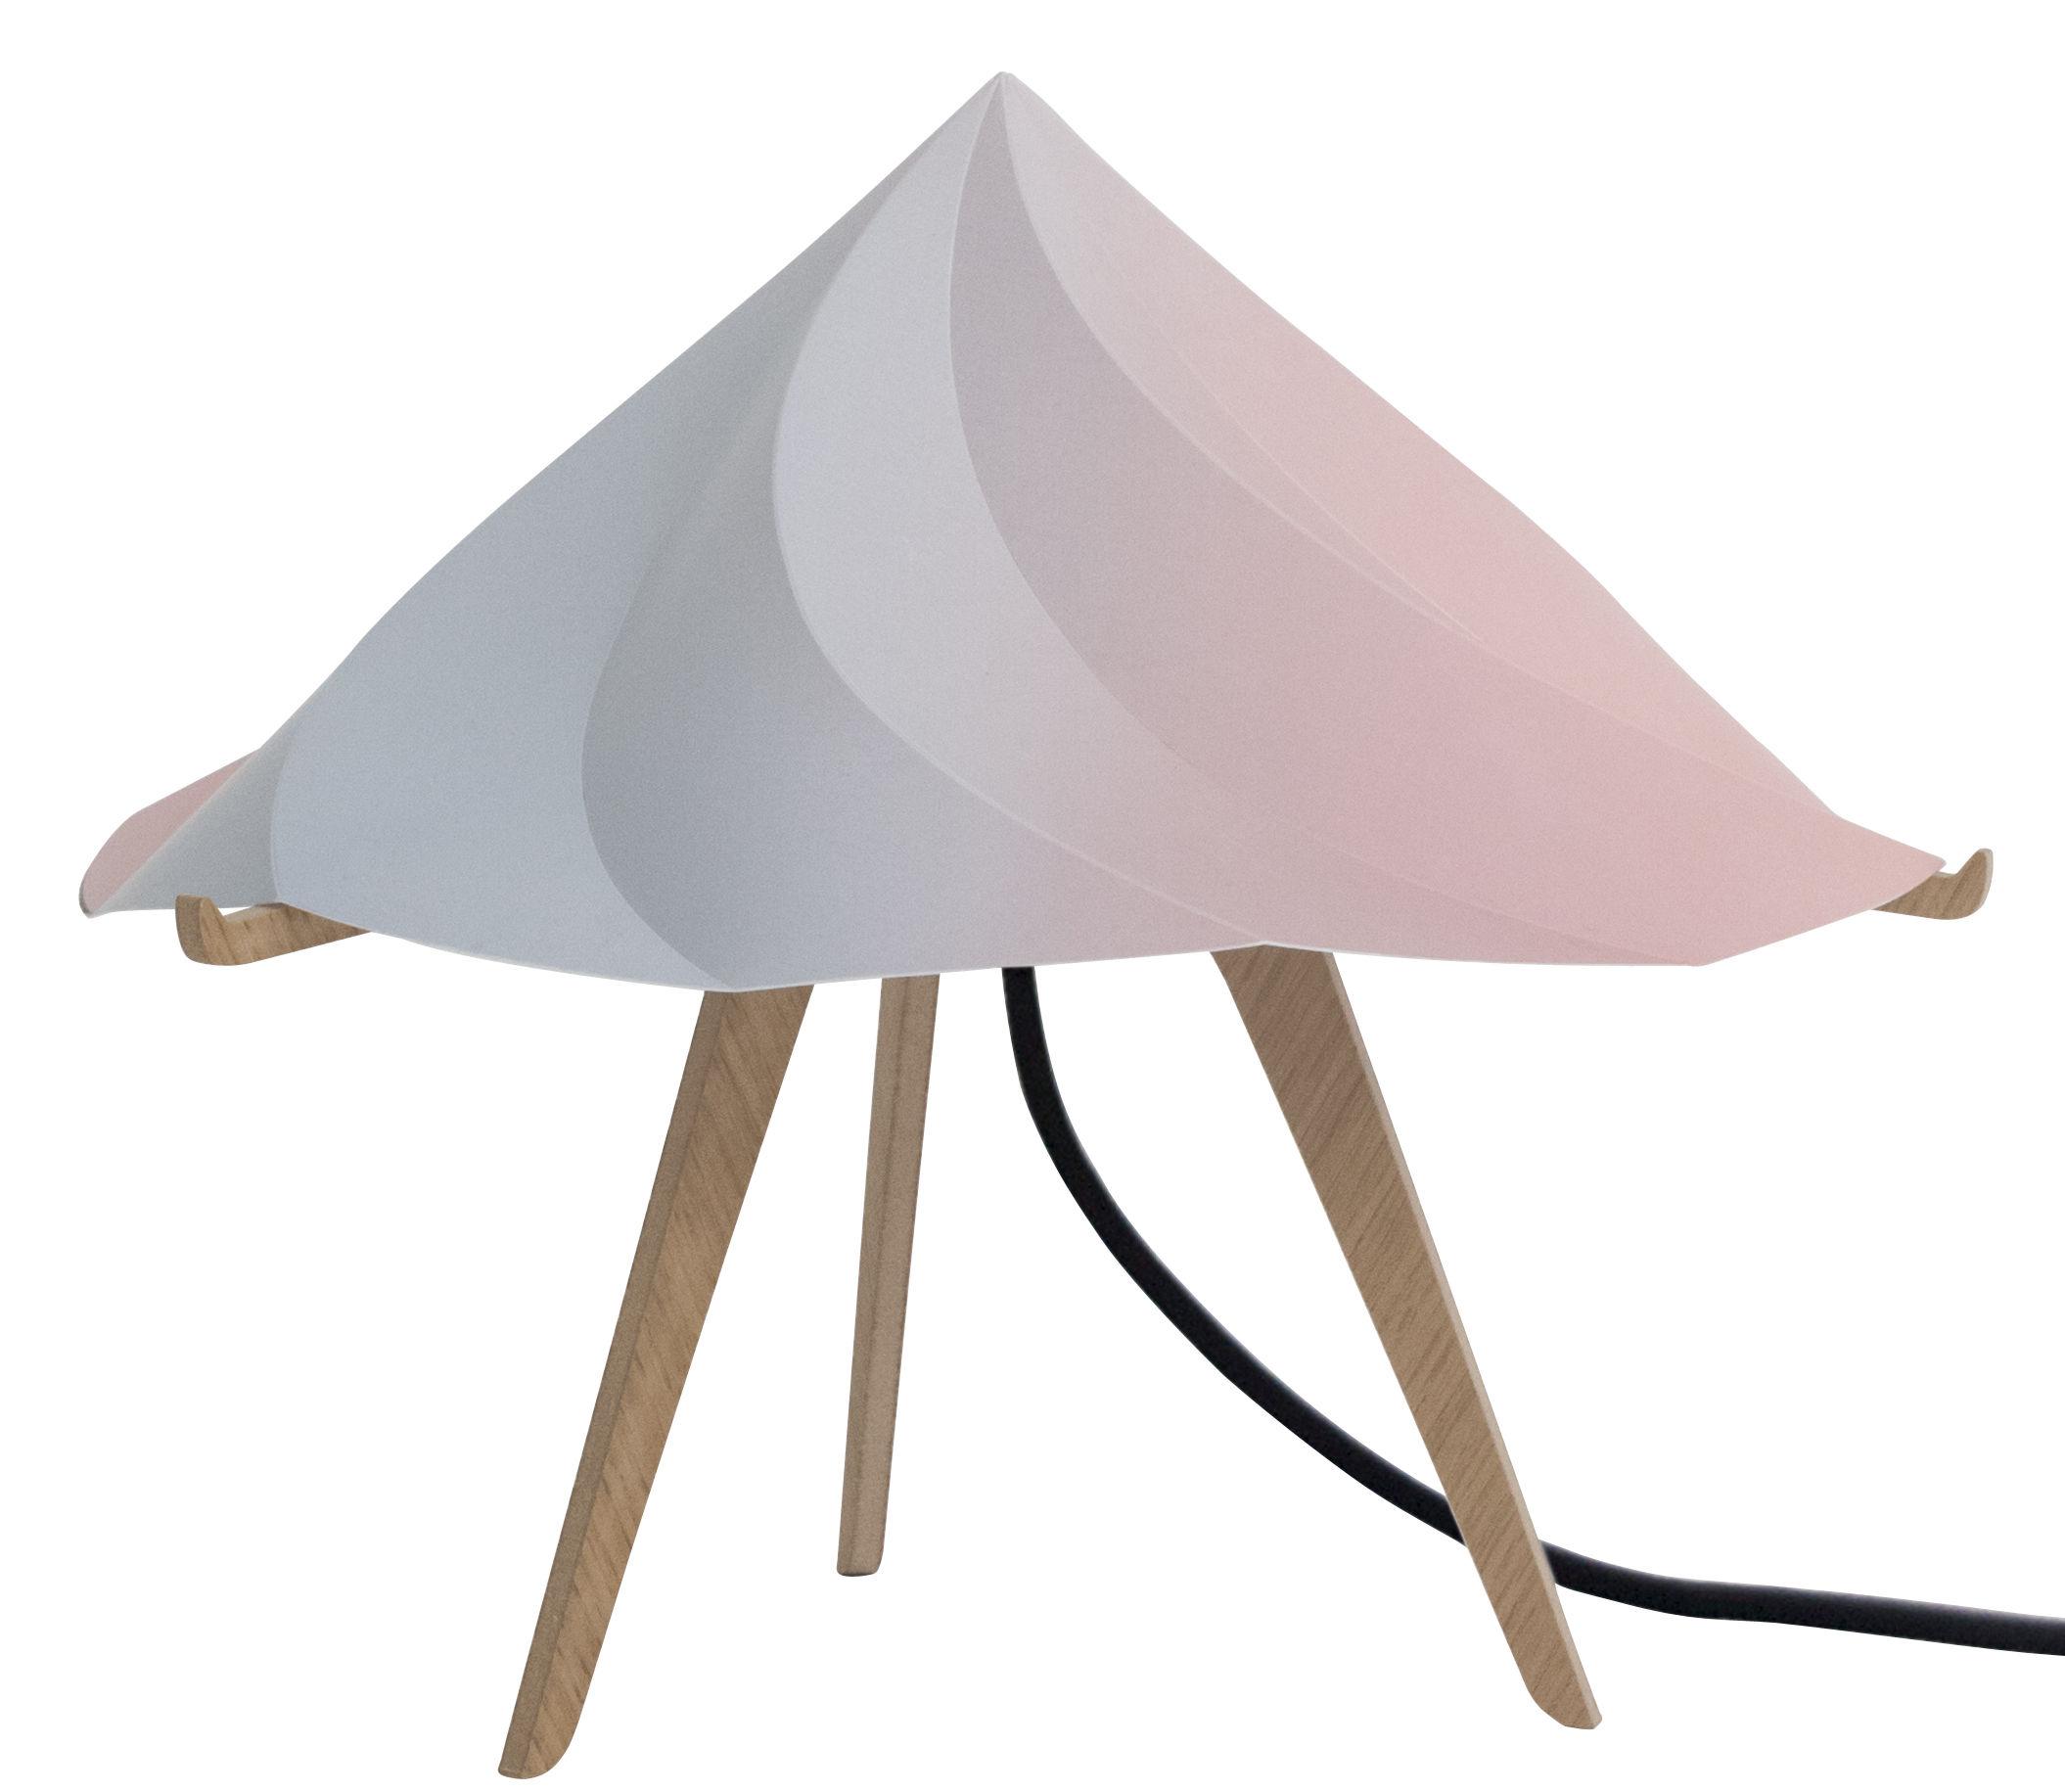 Leuchten - Tischleuchten - Chantilly Small Tischleuchte / H 28 cm - Moustache - Mehrfarbig - Polypropylène recyclé, Vielschicht-Sperrholz in Eiche